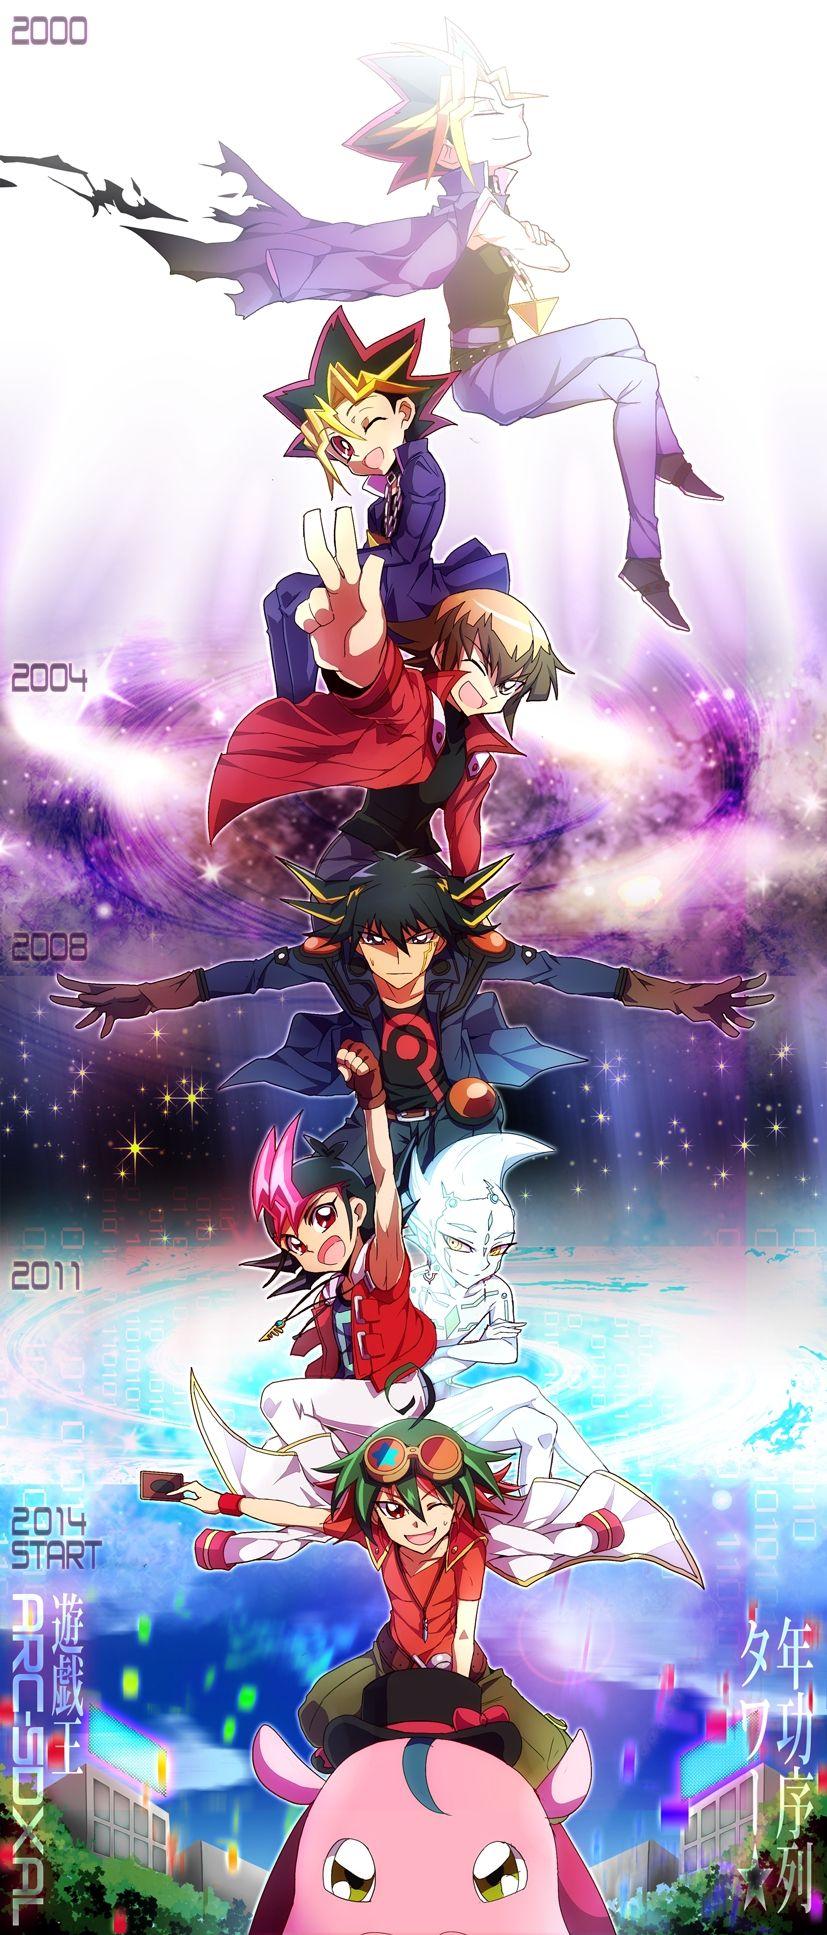 YuGiOh! Jaden, Yusei, Atem, Yuma, Yugi, Astral, Yuya